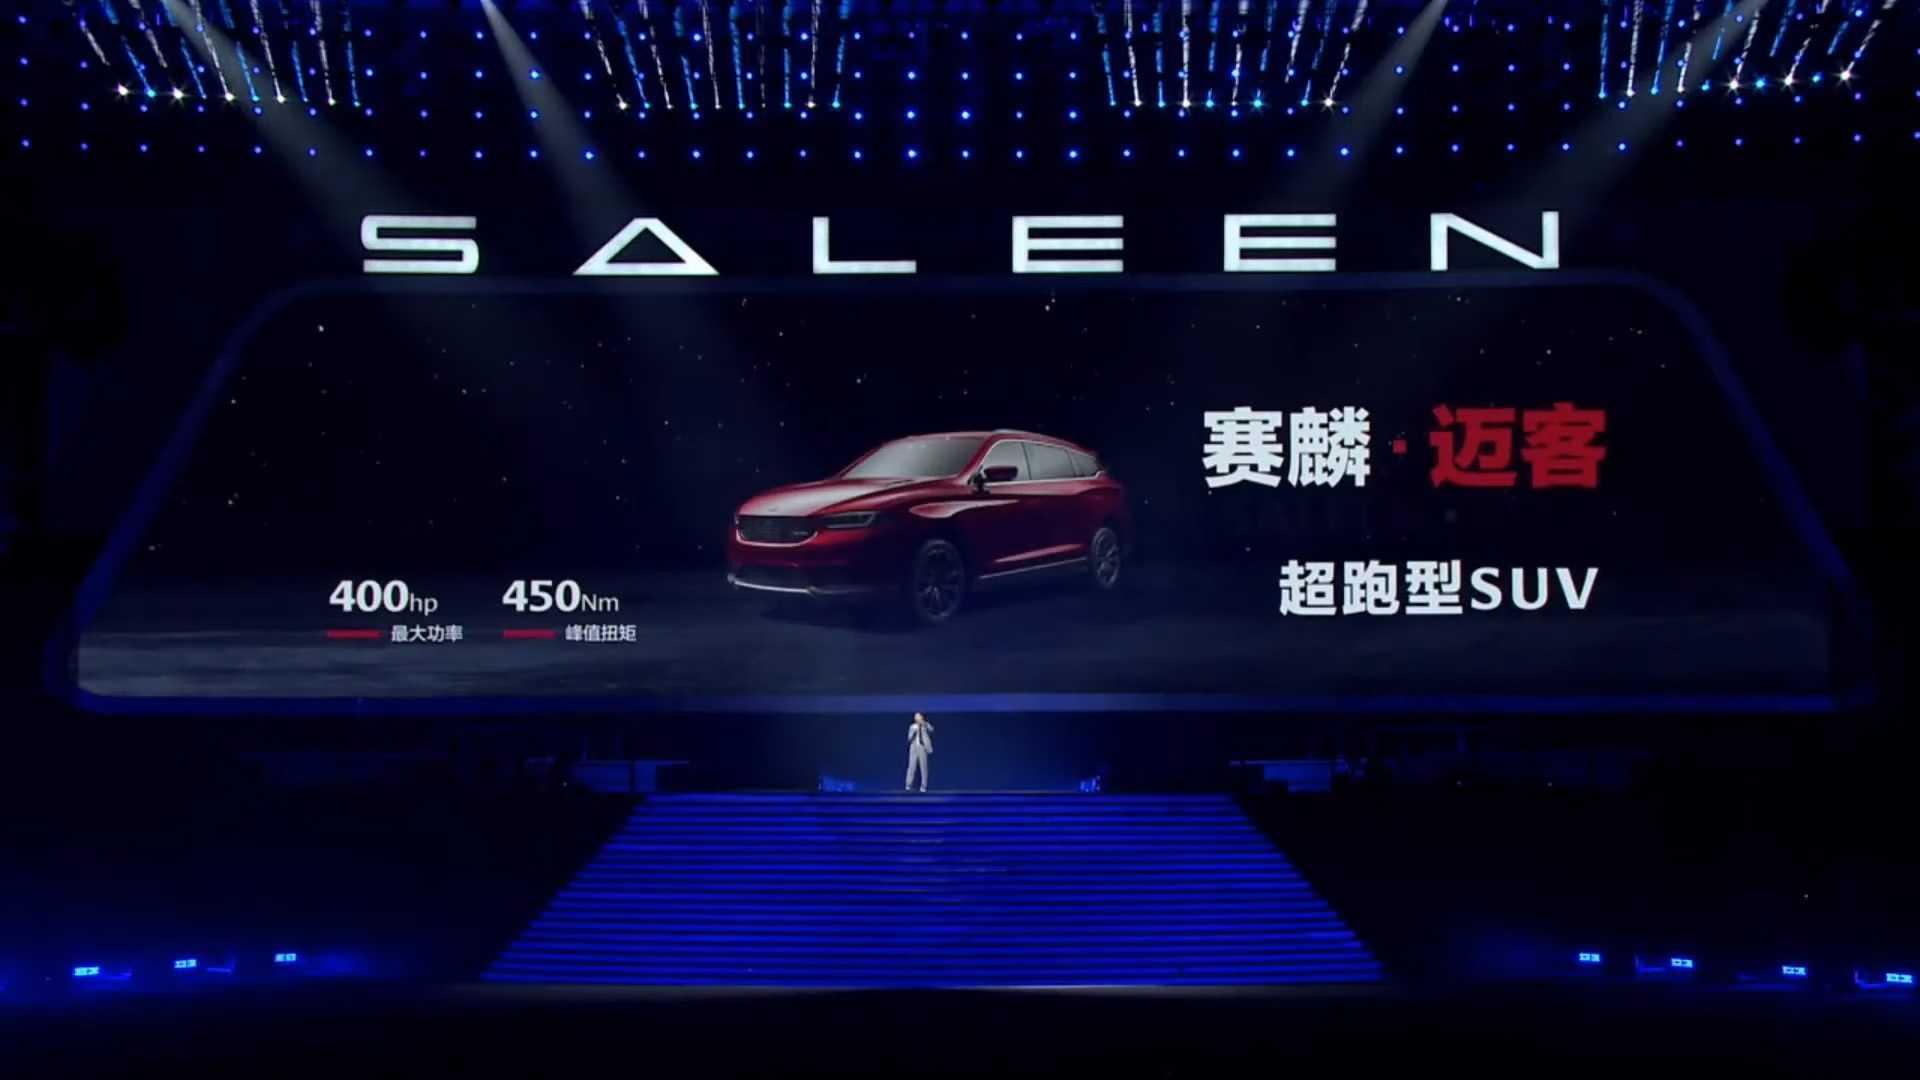 Saleen-China-1